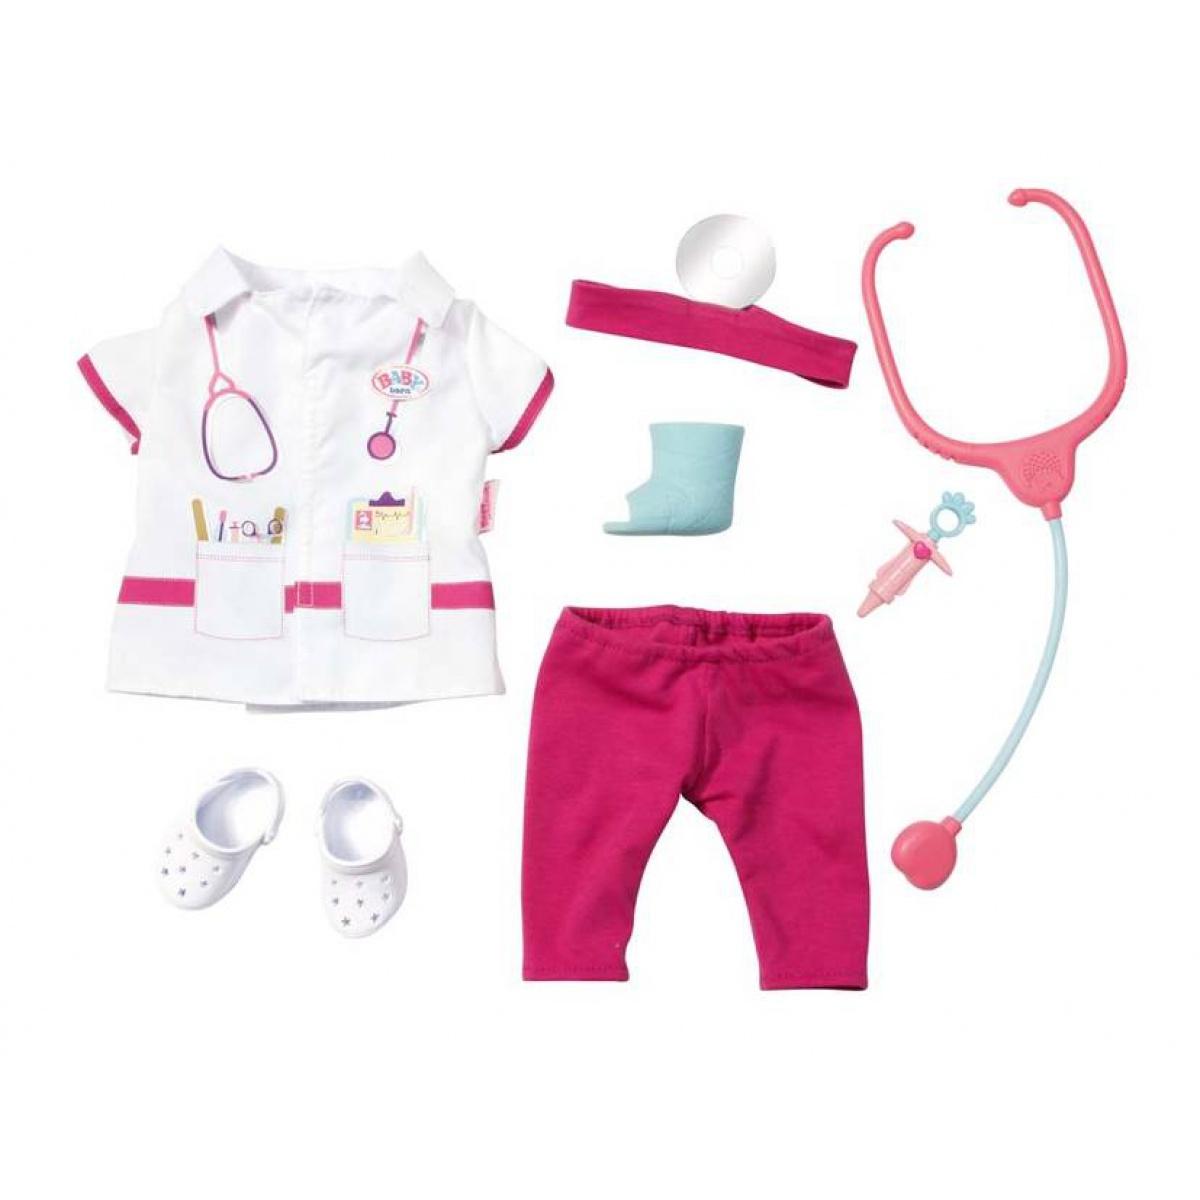 Σετ ρούχα και αξεσουάρ γιατρού baby born  fd3c690078a